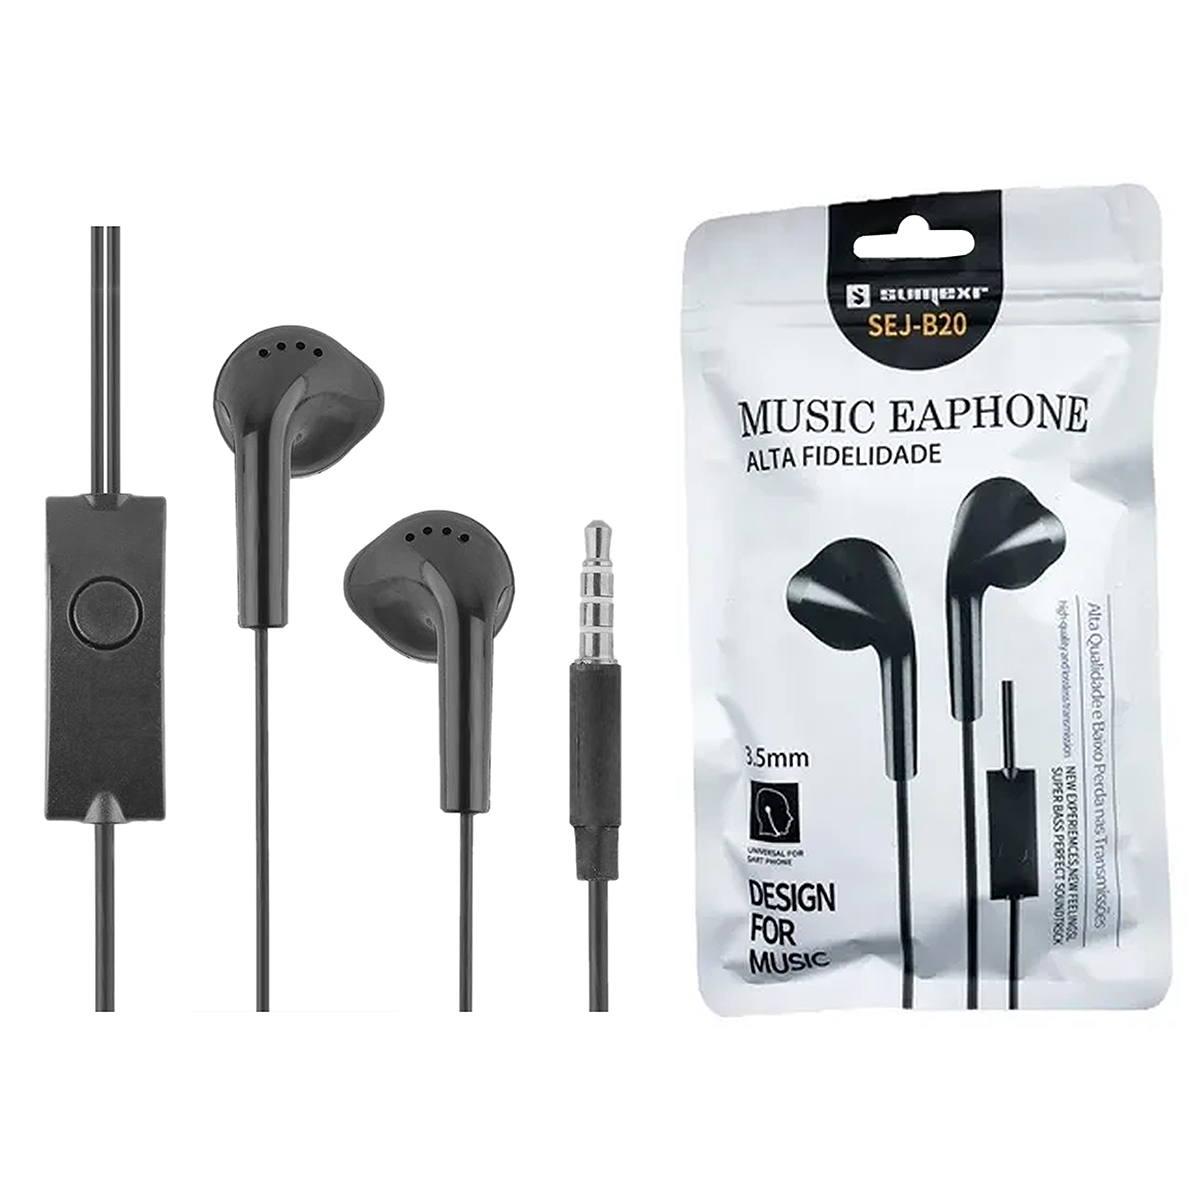 Fone P2 para Celular Earphone Estéreo com Microfone para Atender Chamadas Sumexr SEJ-B20 Preto